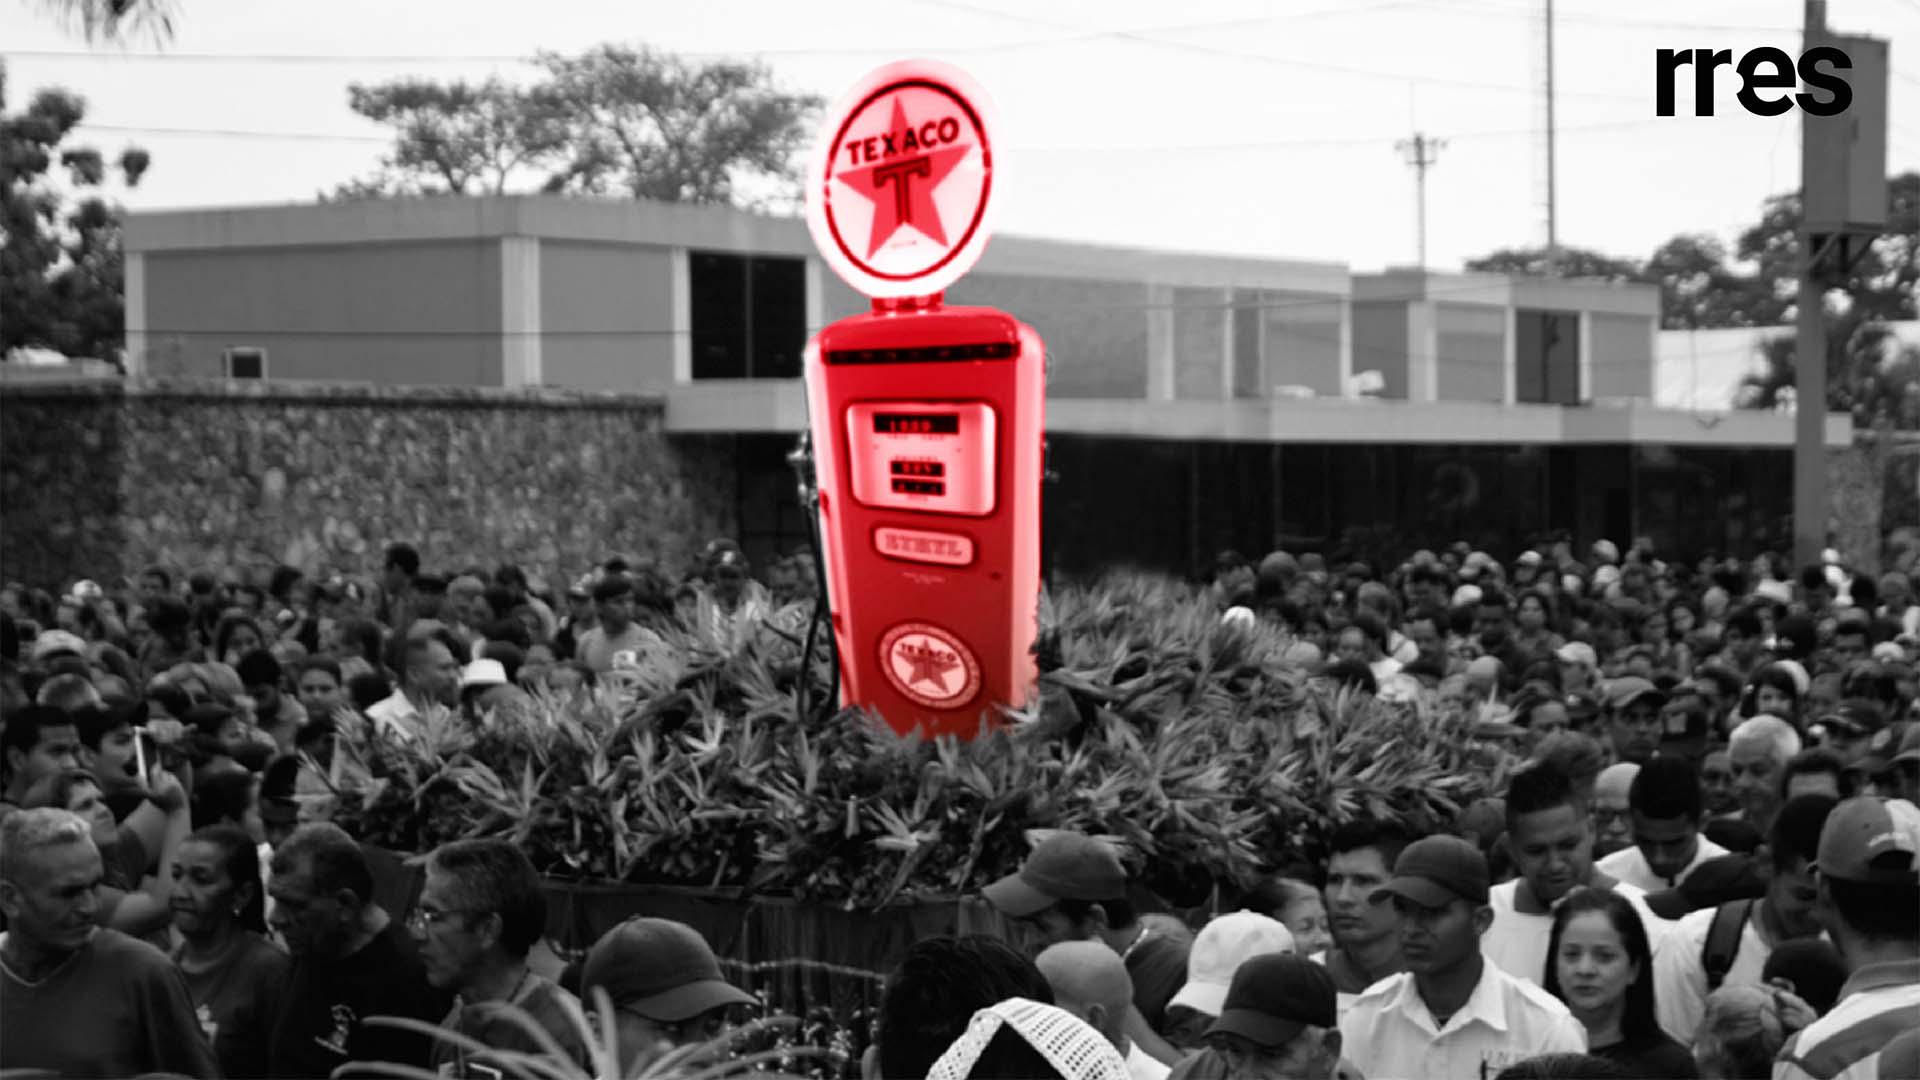 #Top10Humor | Ideas rechazadas para resolver el problema de gasolina en Venezuela, por Víctor J. Ochoa S.